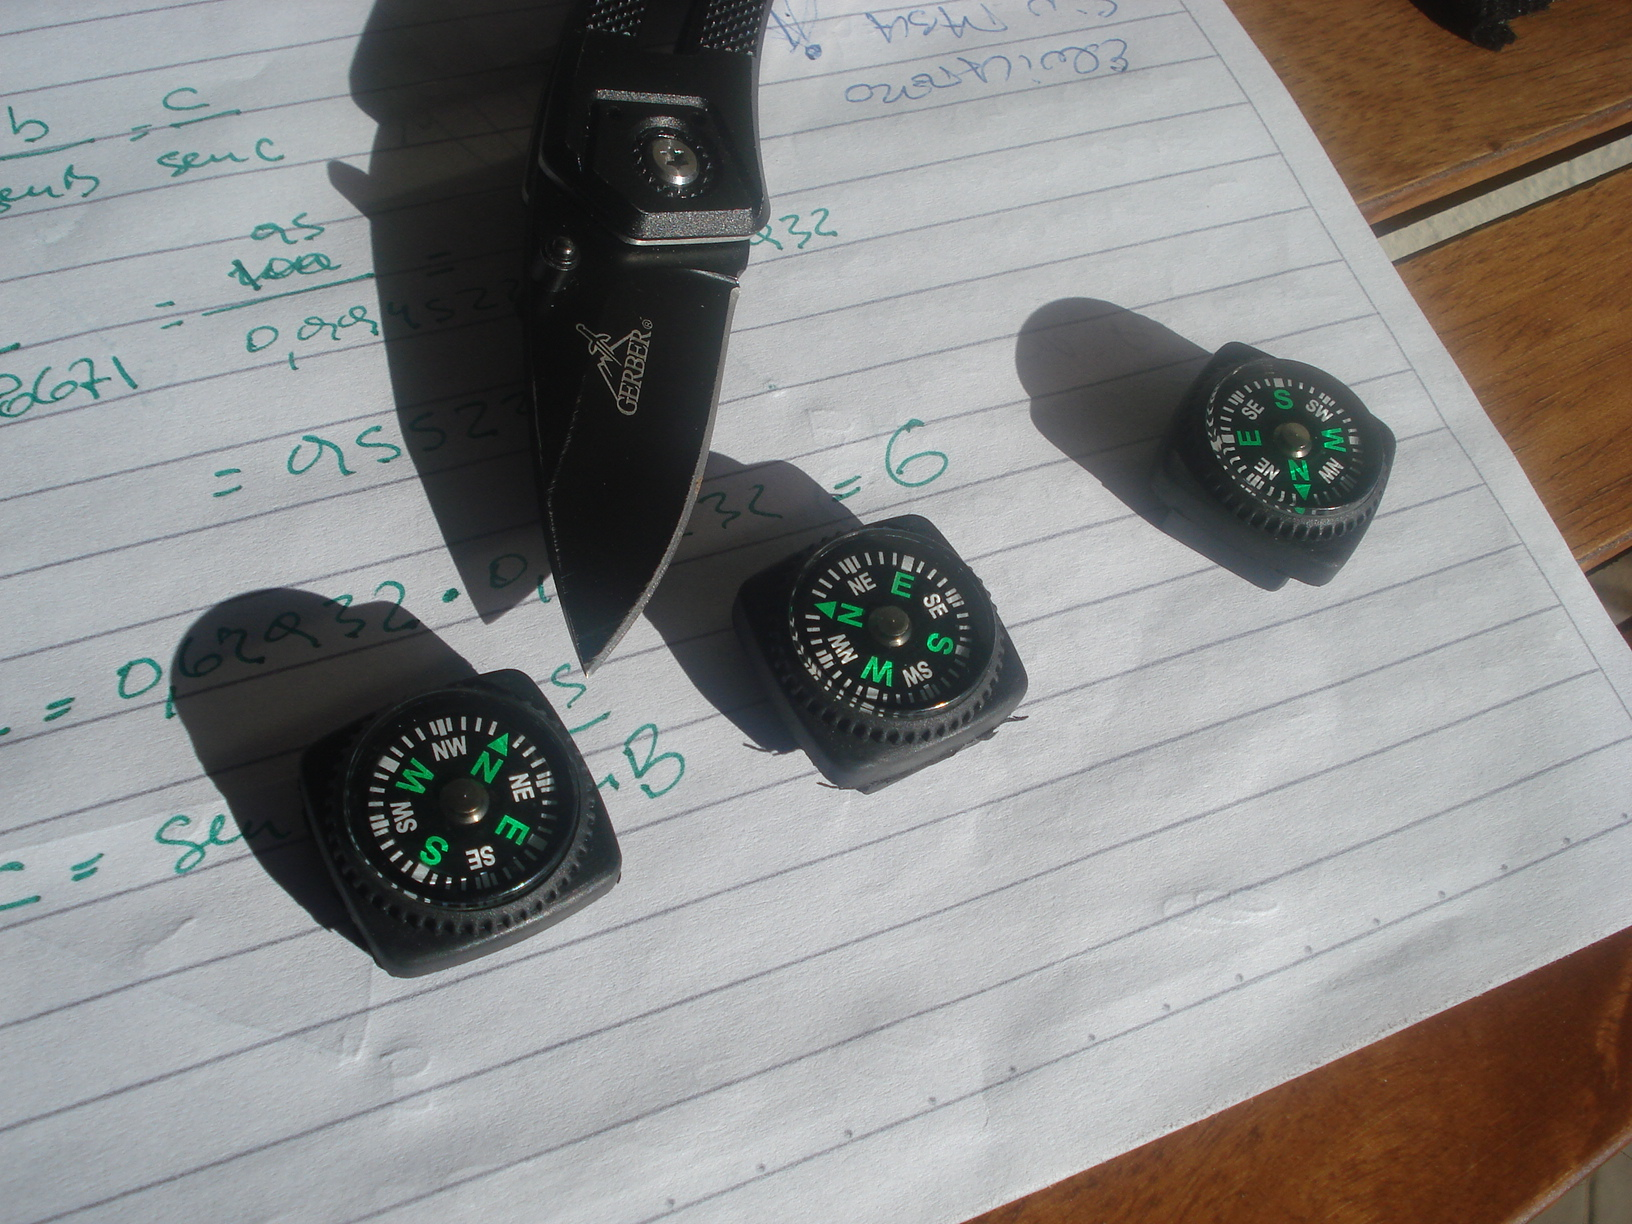 Un pequeño kit de brújulas, protractors (compases) y reglas de escala... y algo más. DSC00446